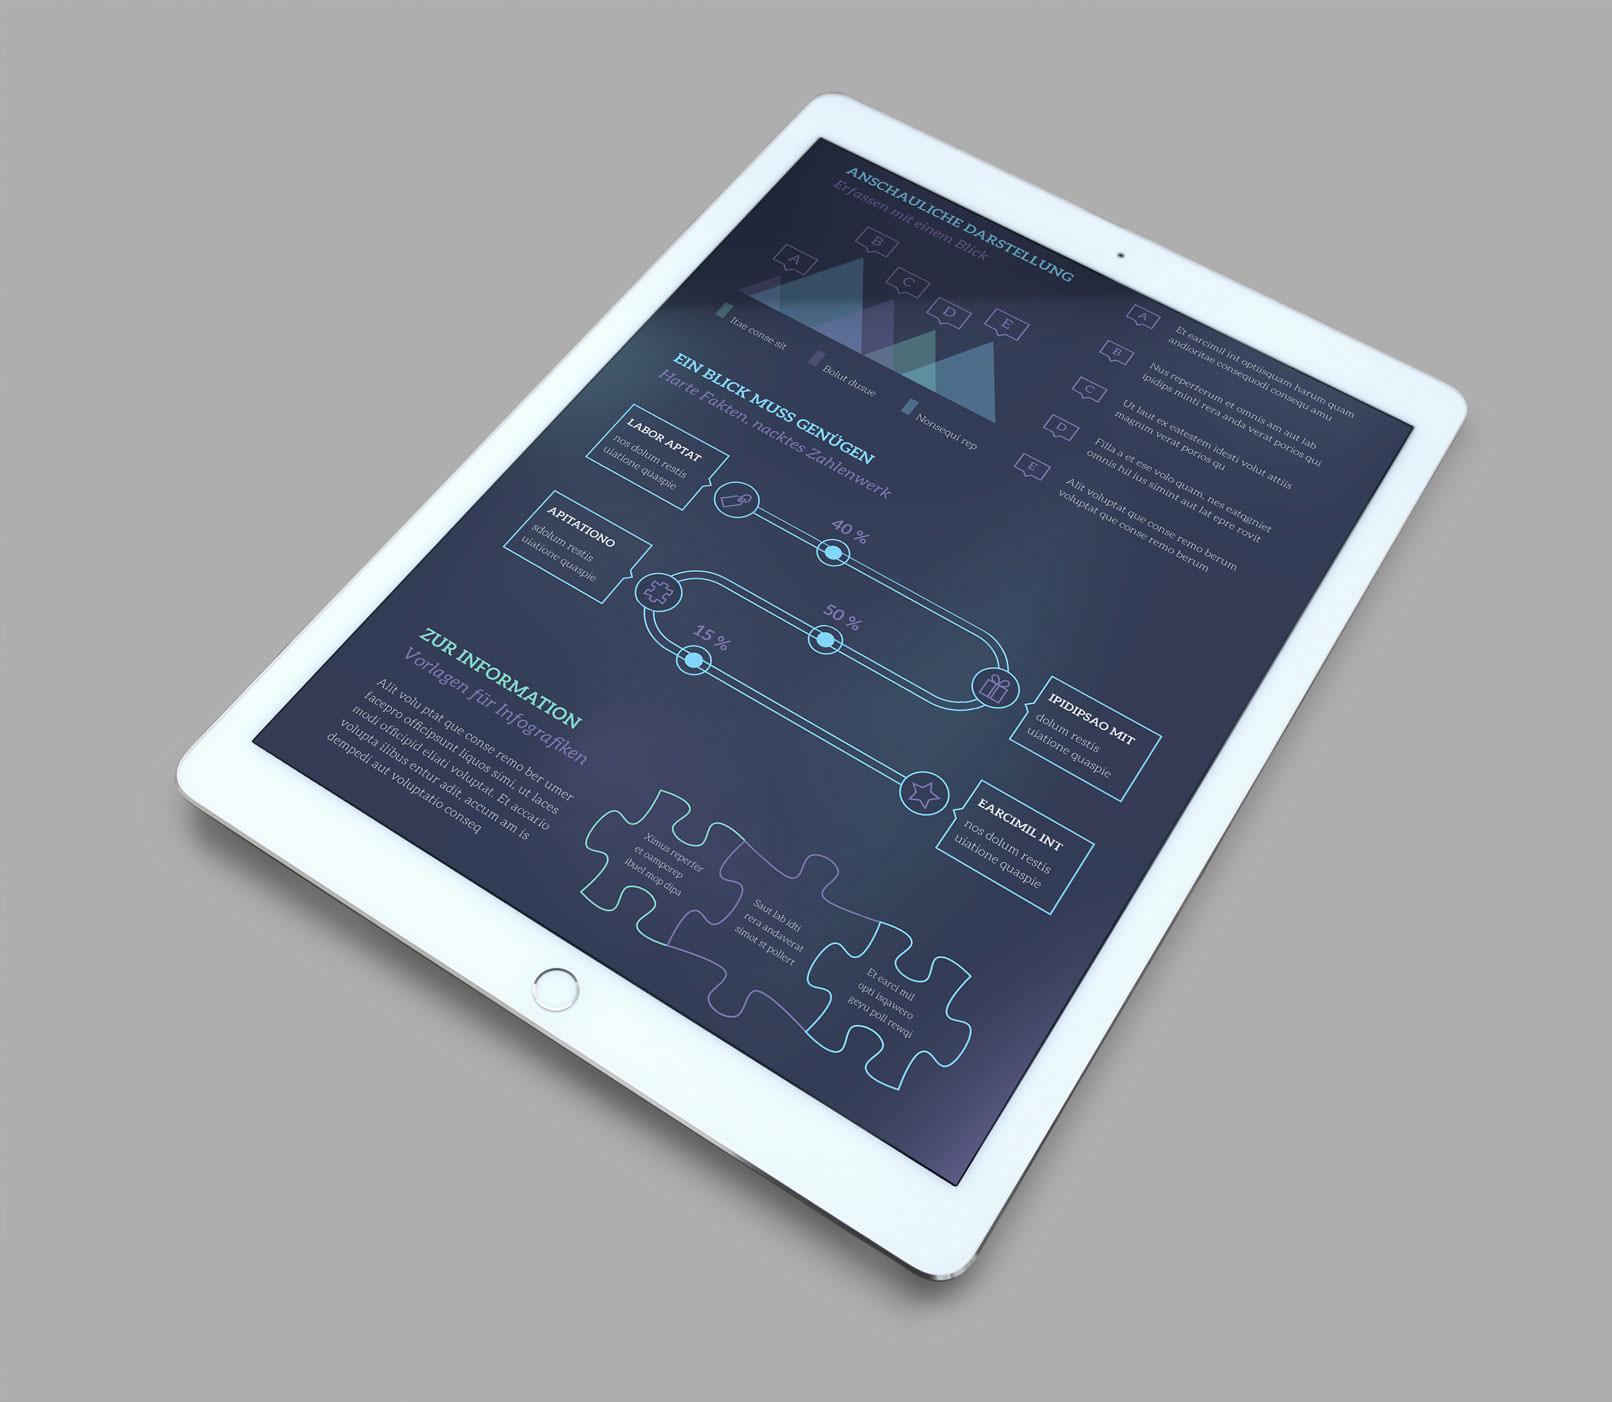 Vektorbasierte Design-Vorlagen für eine schnelle Bearbeitung in Adobe Illustrator